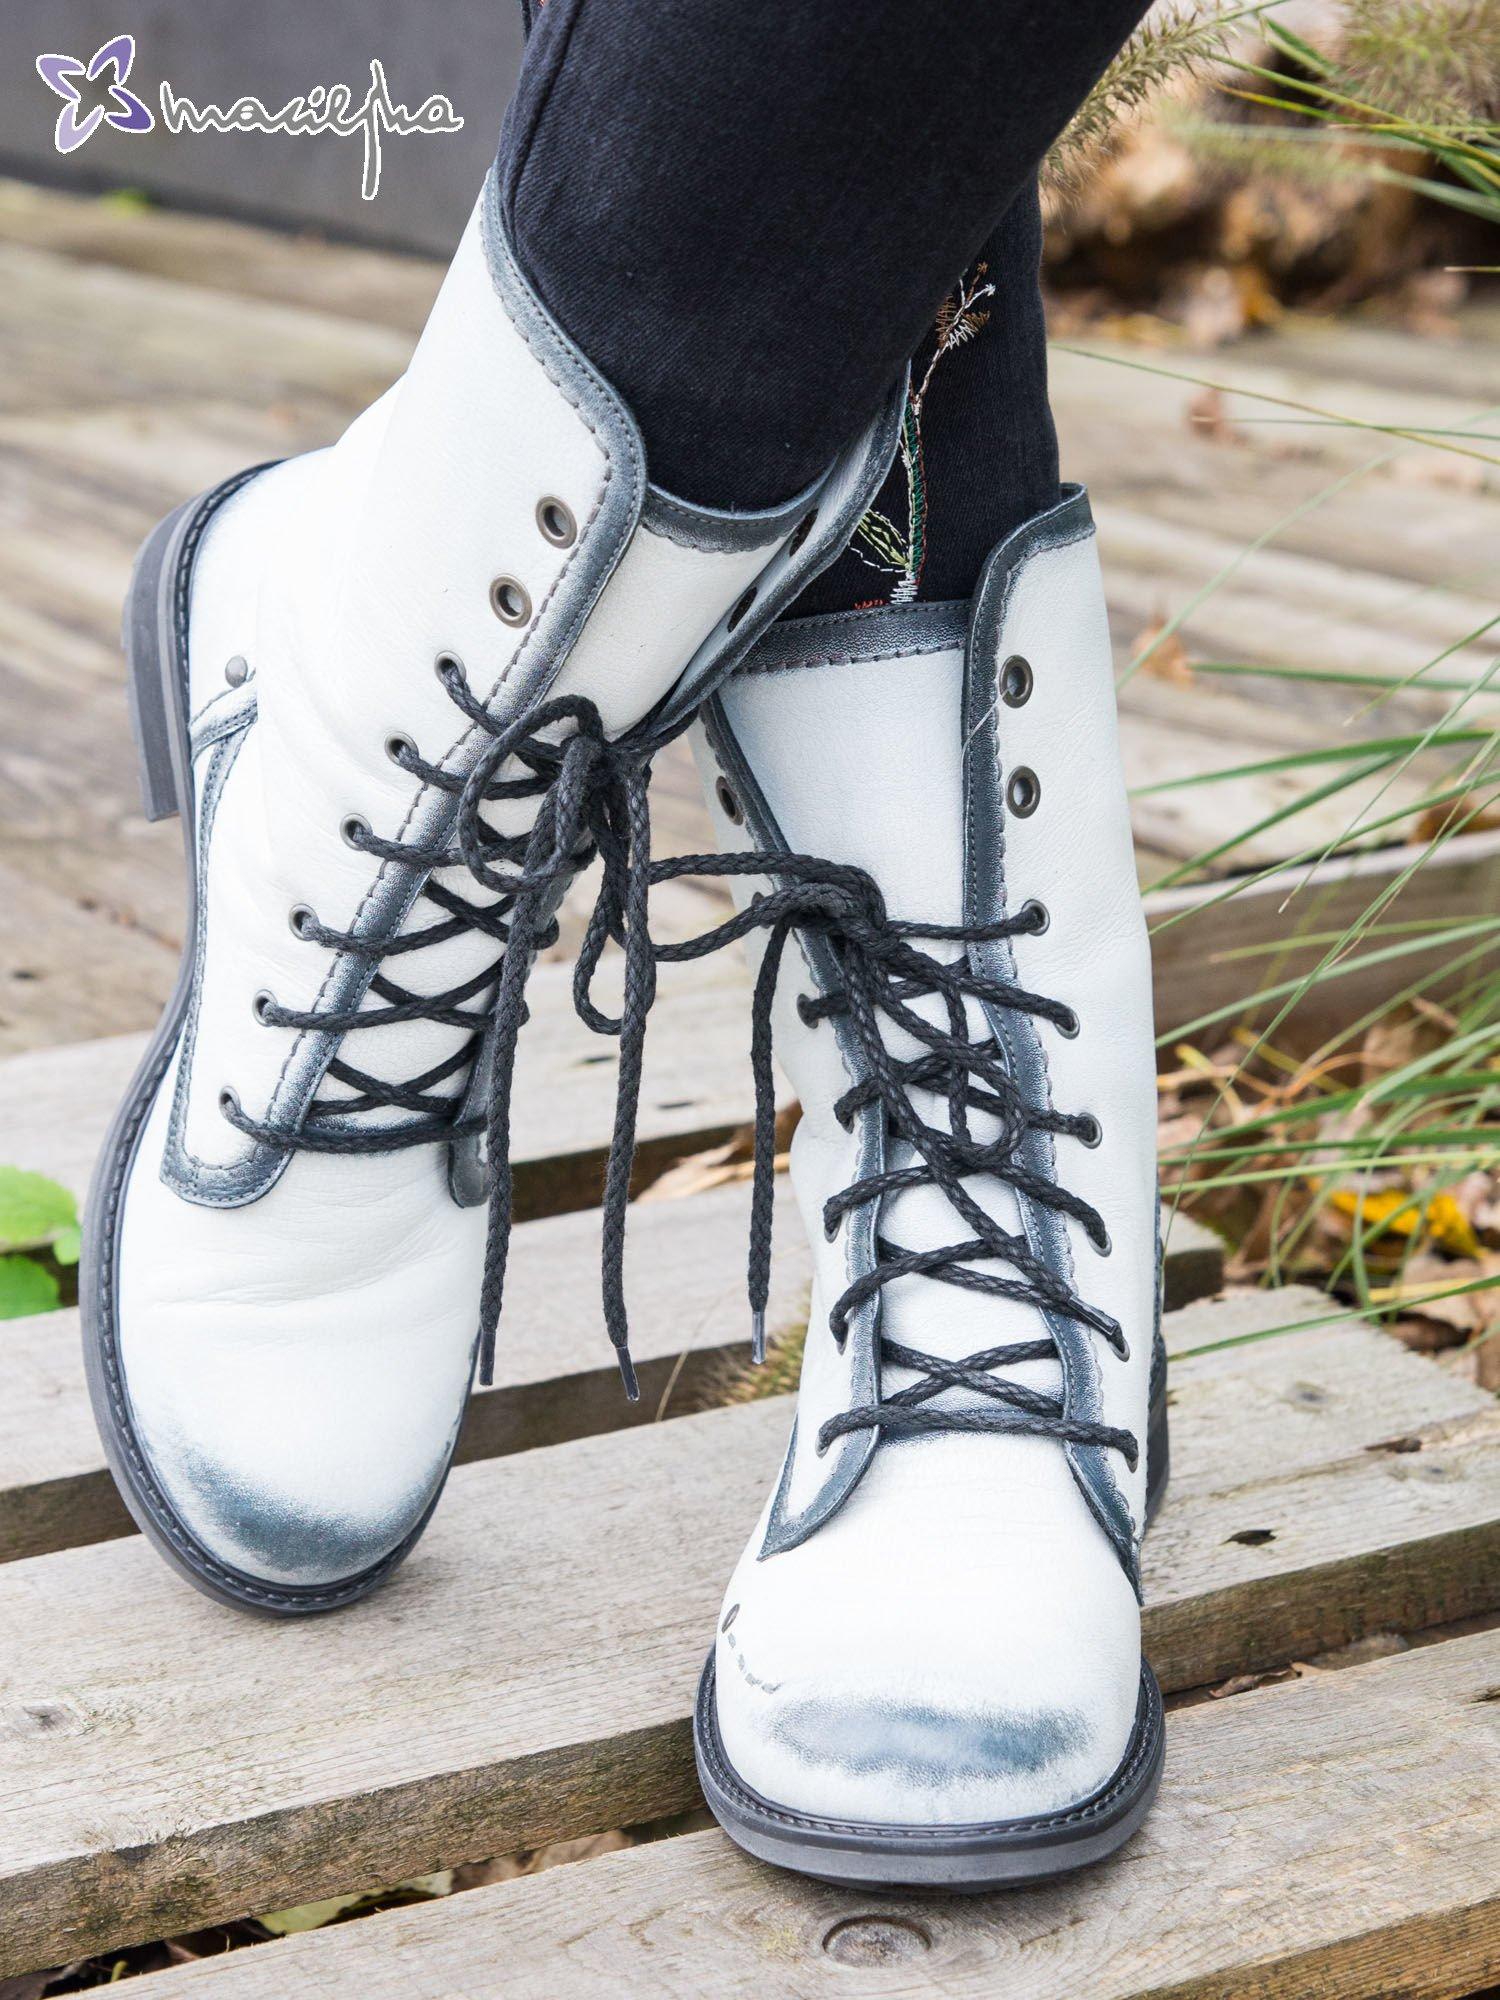 ea5591a8f0e33 Białe cieniowane botki Maciejka ze skóry z ozdobnymi przetarciami ...